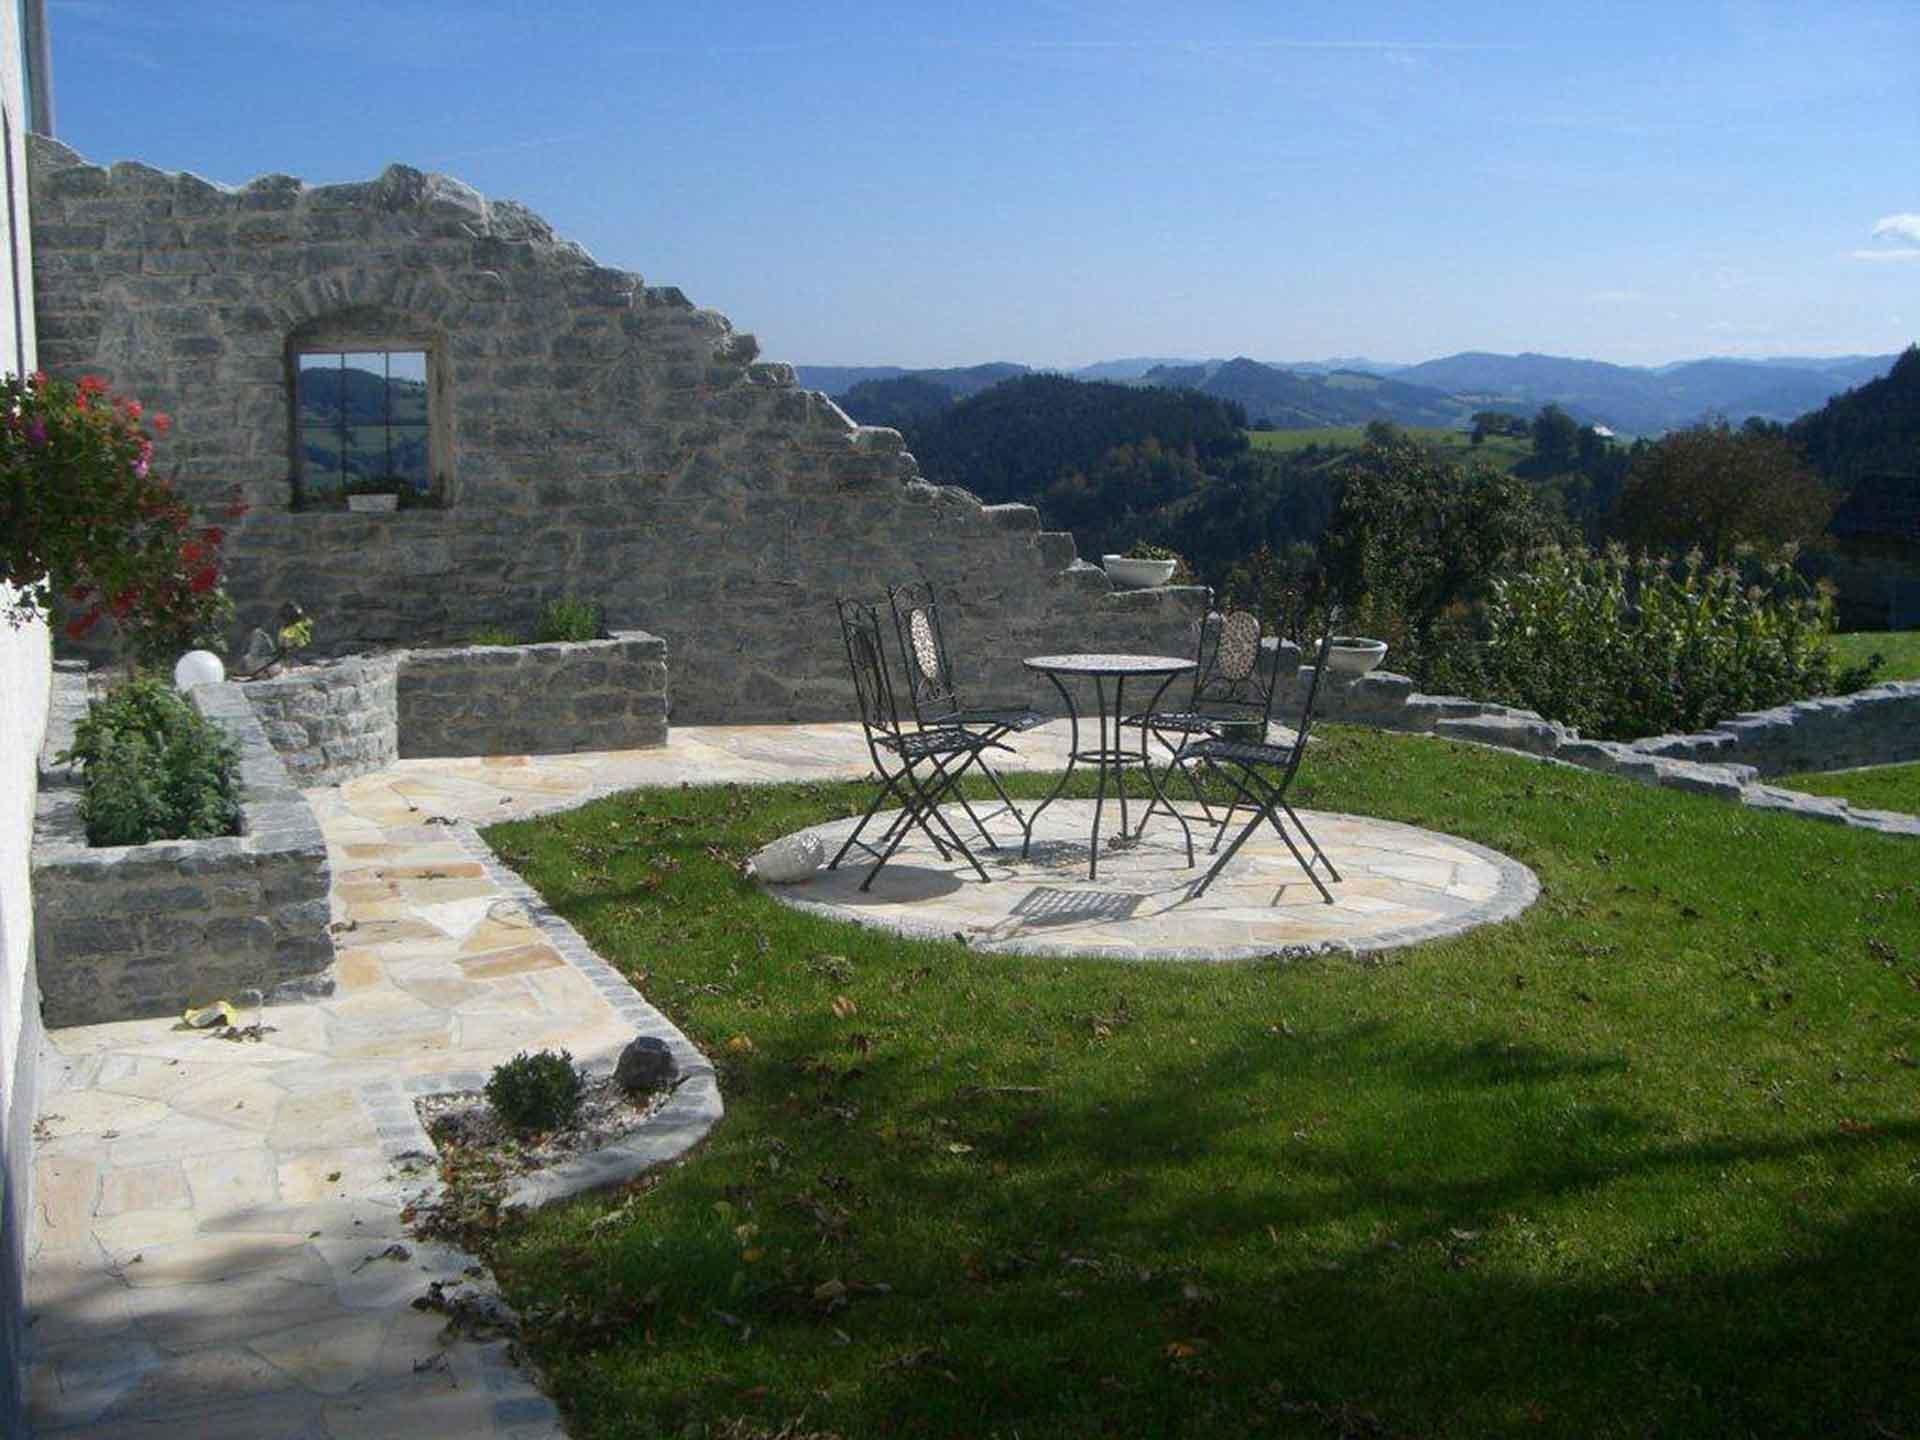 Gartengestaltung, Pflasterung, Wachauer Marmor, händisch in Beton verlegt